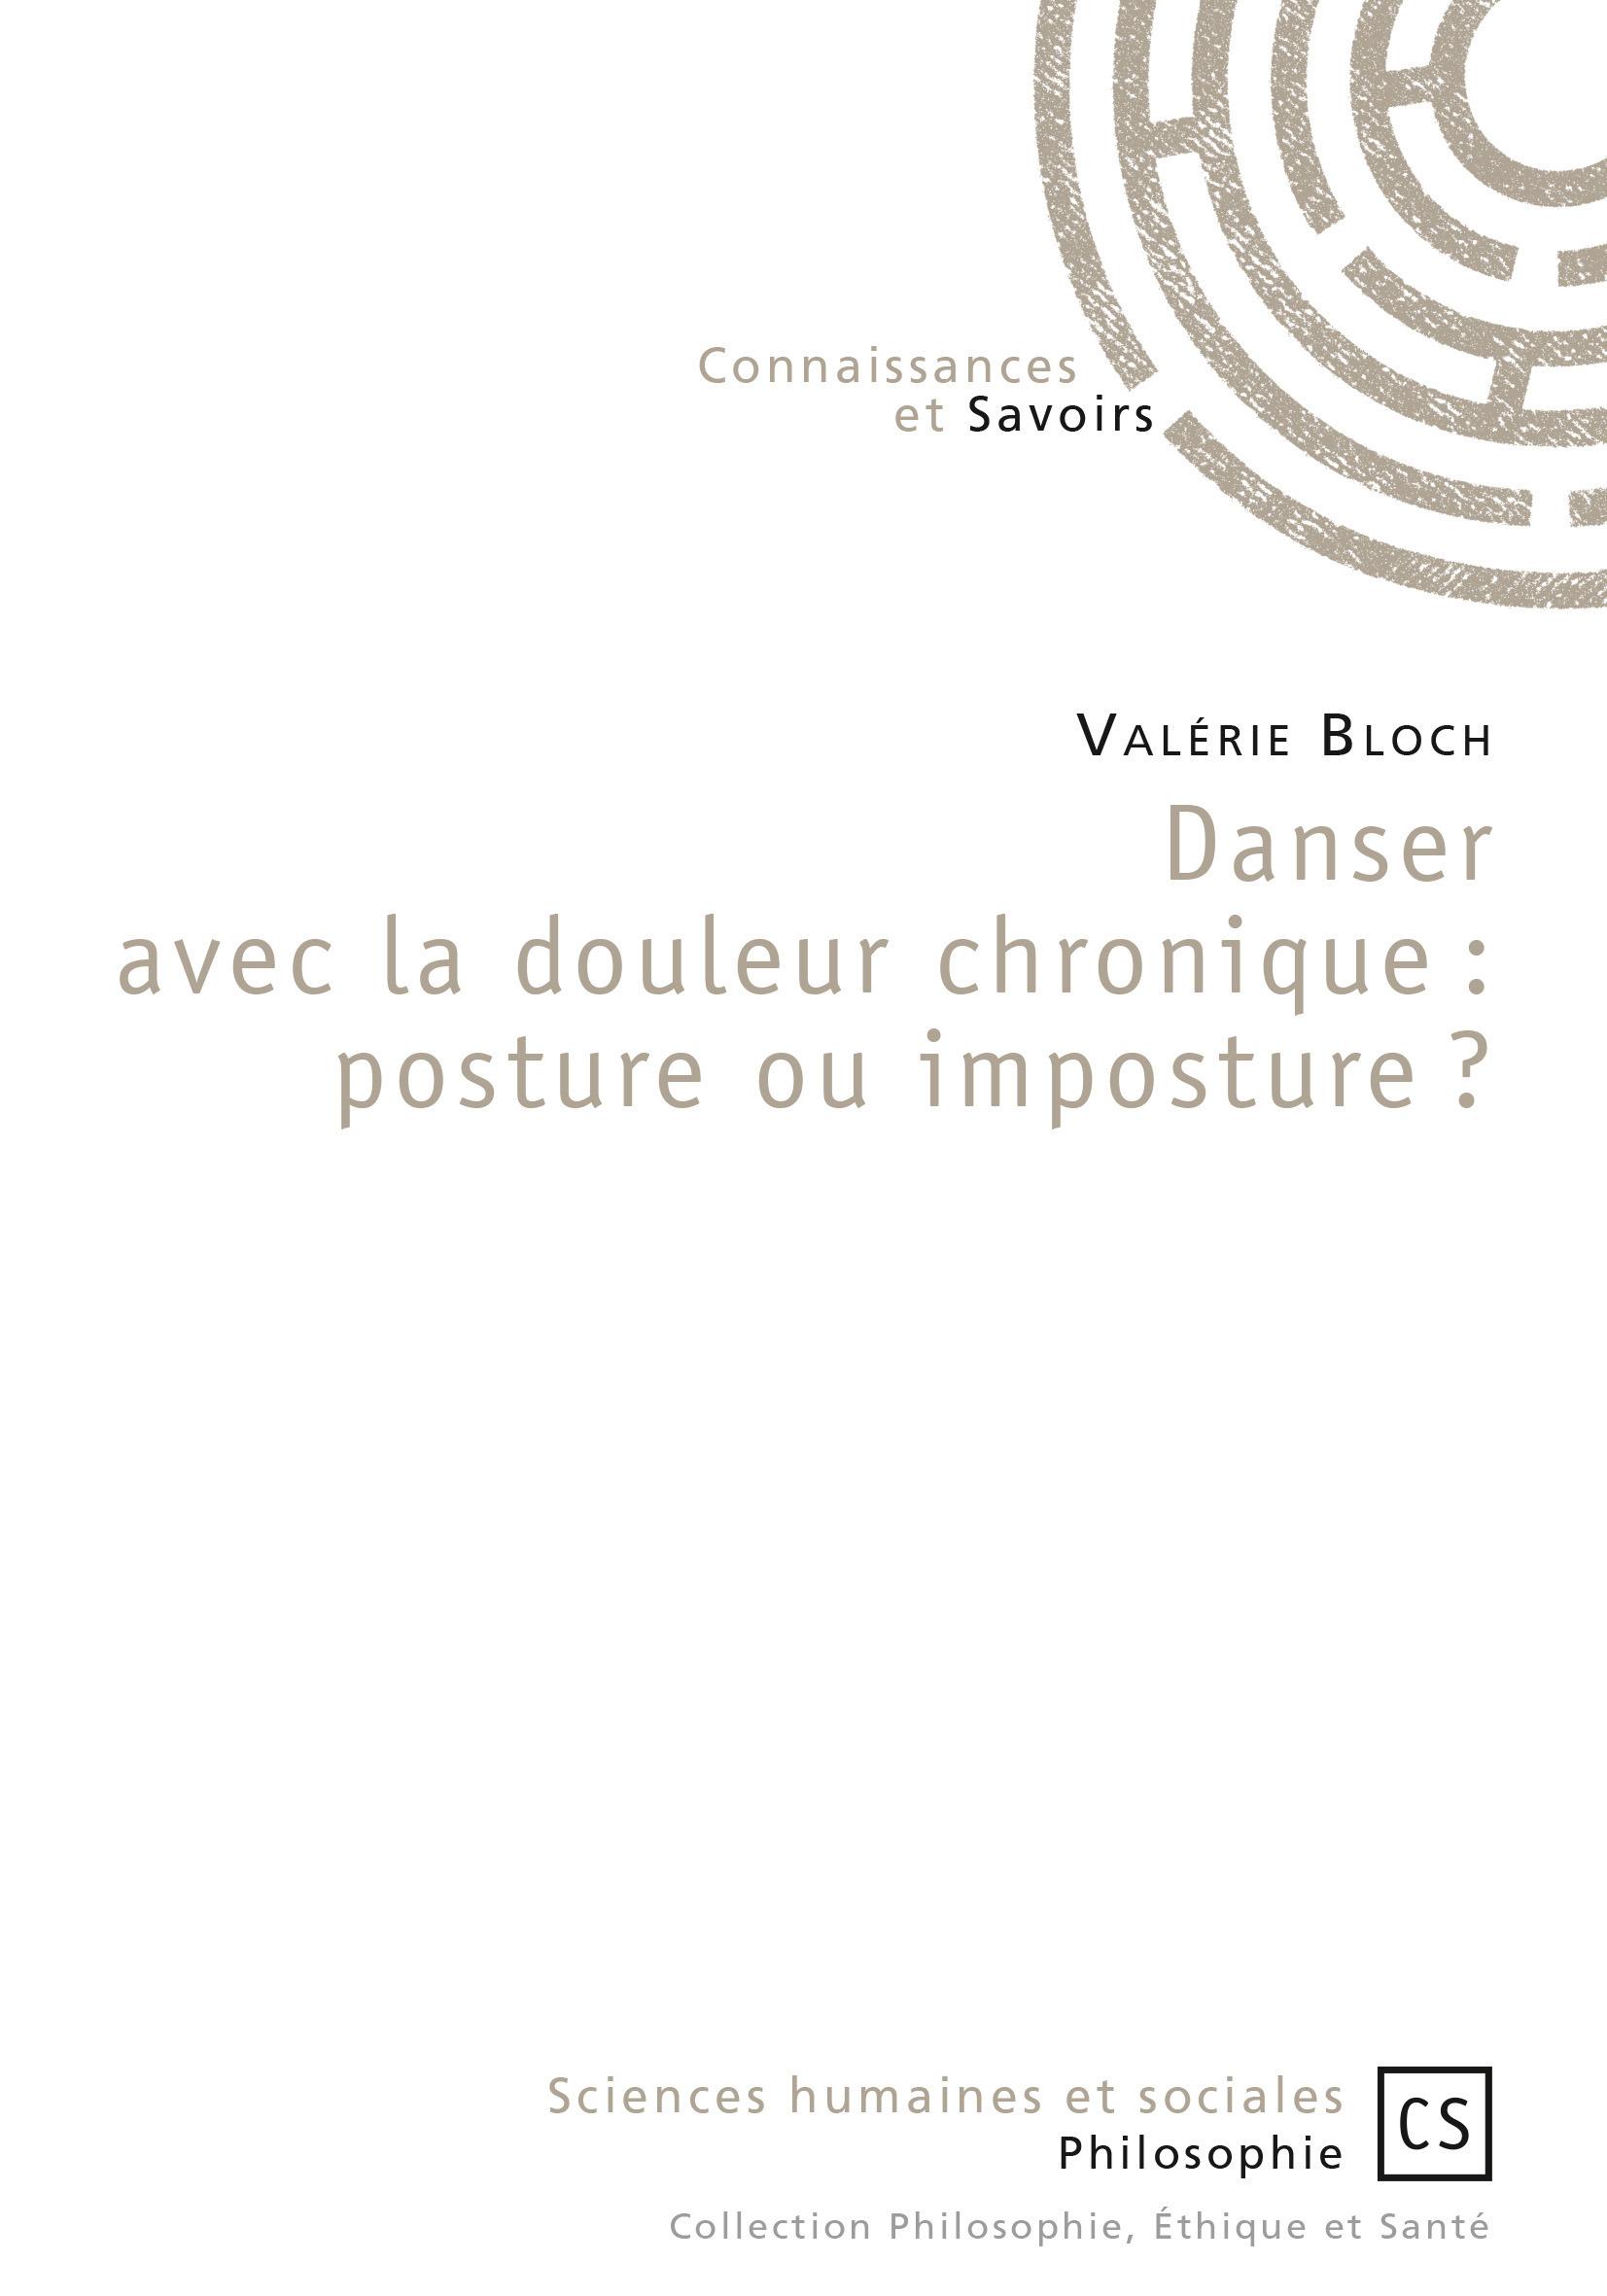 Valérie Bloch Danser avec la douleur chronique: posture ou imposture ?